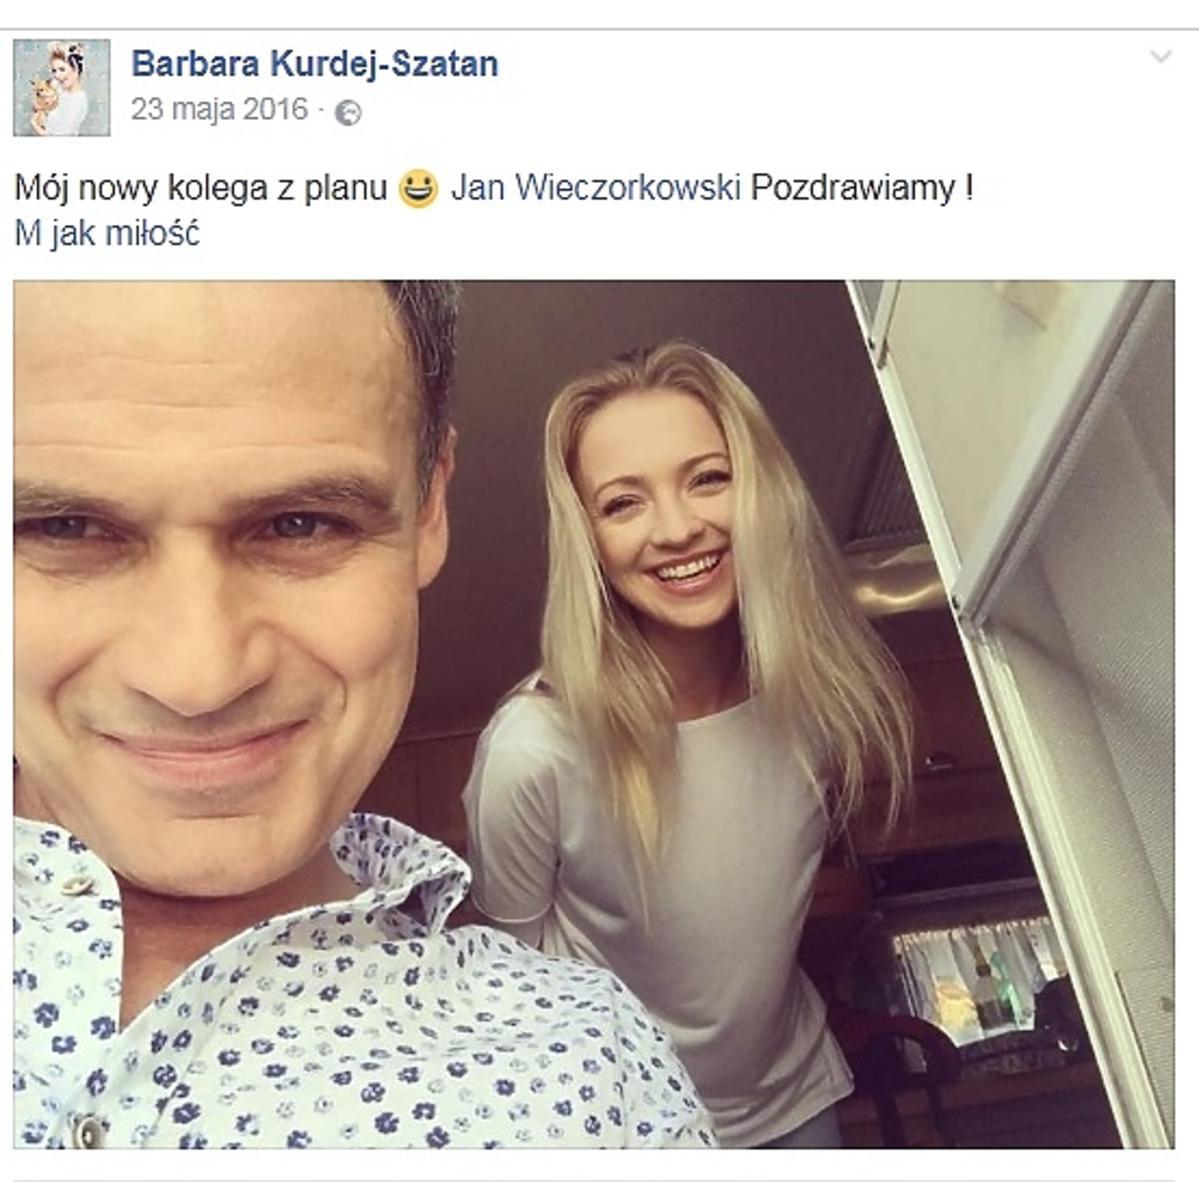 Jan Wieczorkowski, Barbara Kurdej-Szatan